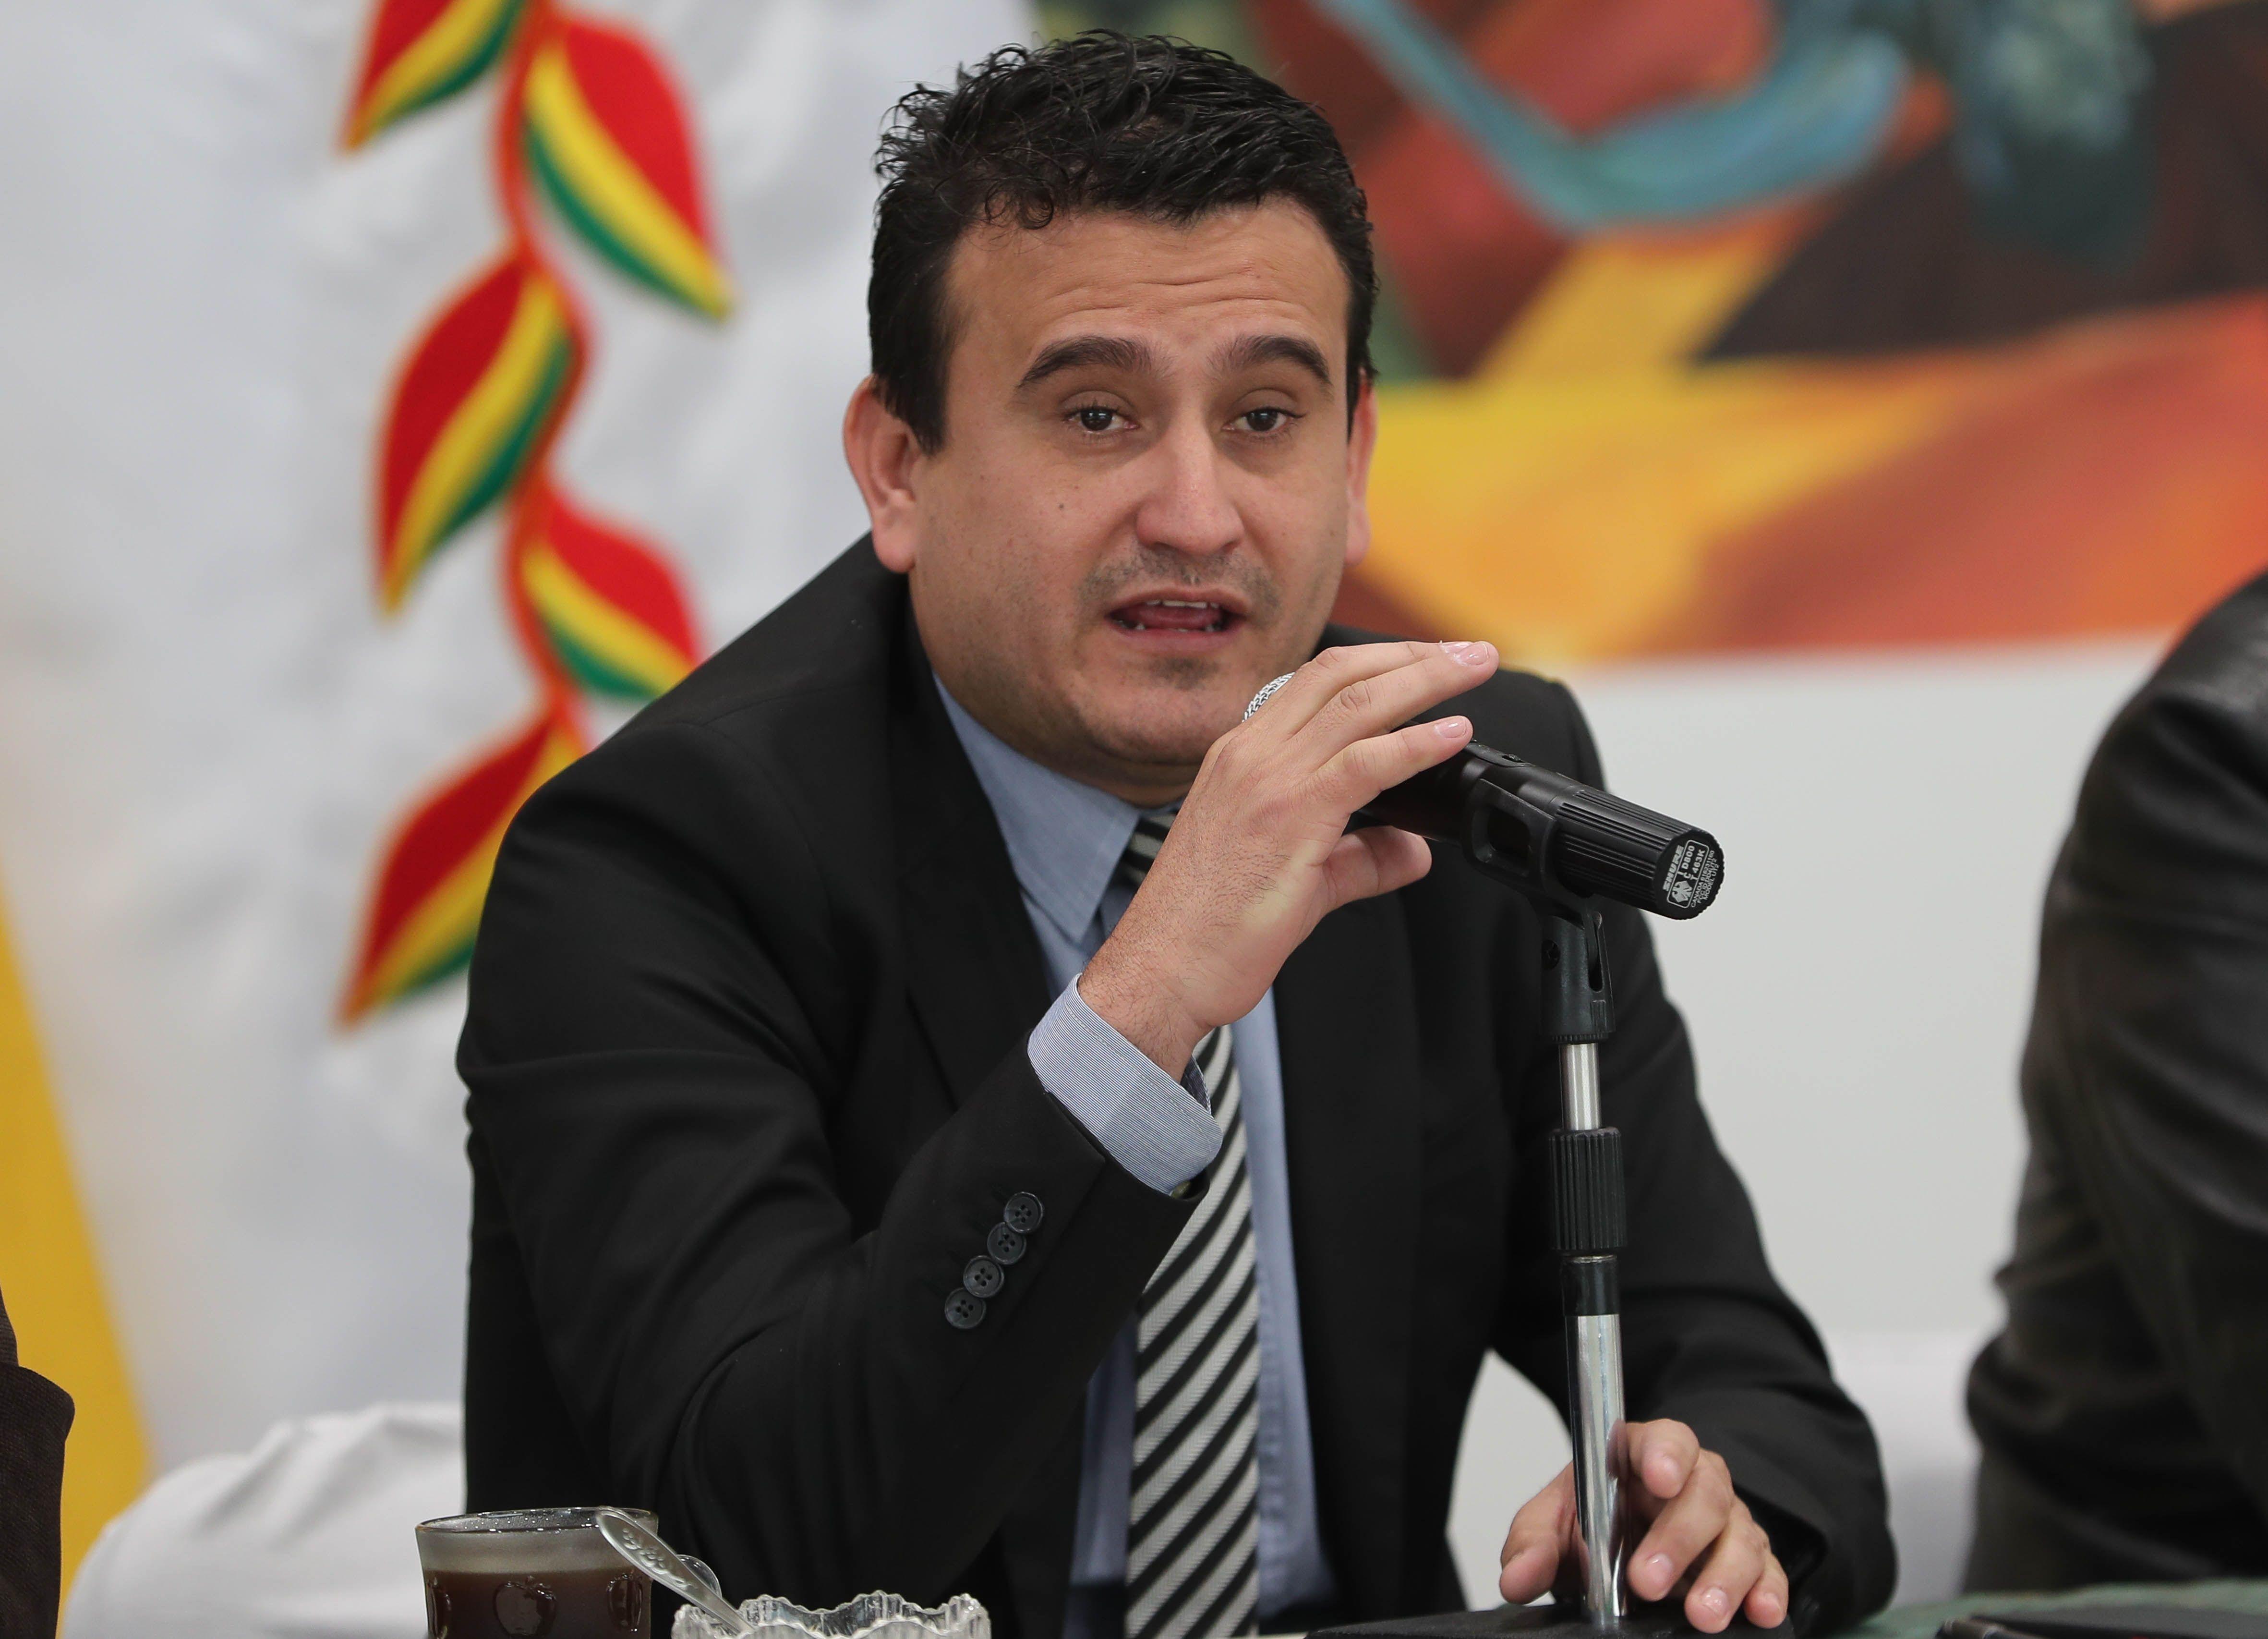 El exministro interino de Energías de Bolivia Rodrigo Guzmán, en una fotografía de archivo. EFE/Martín Alipaz